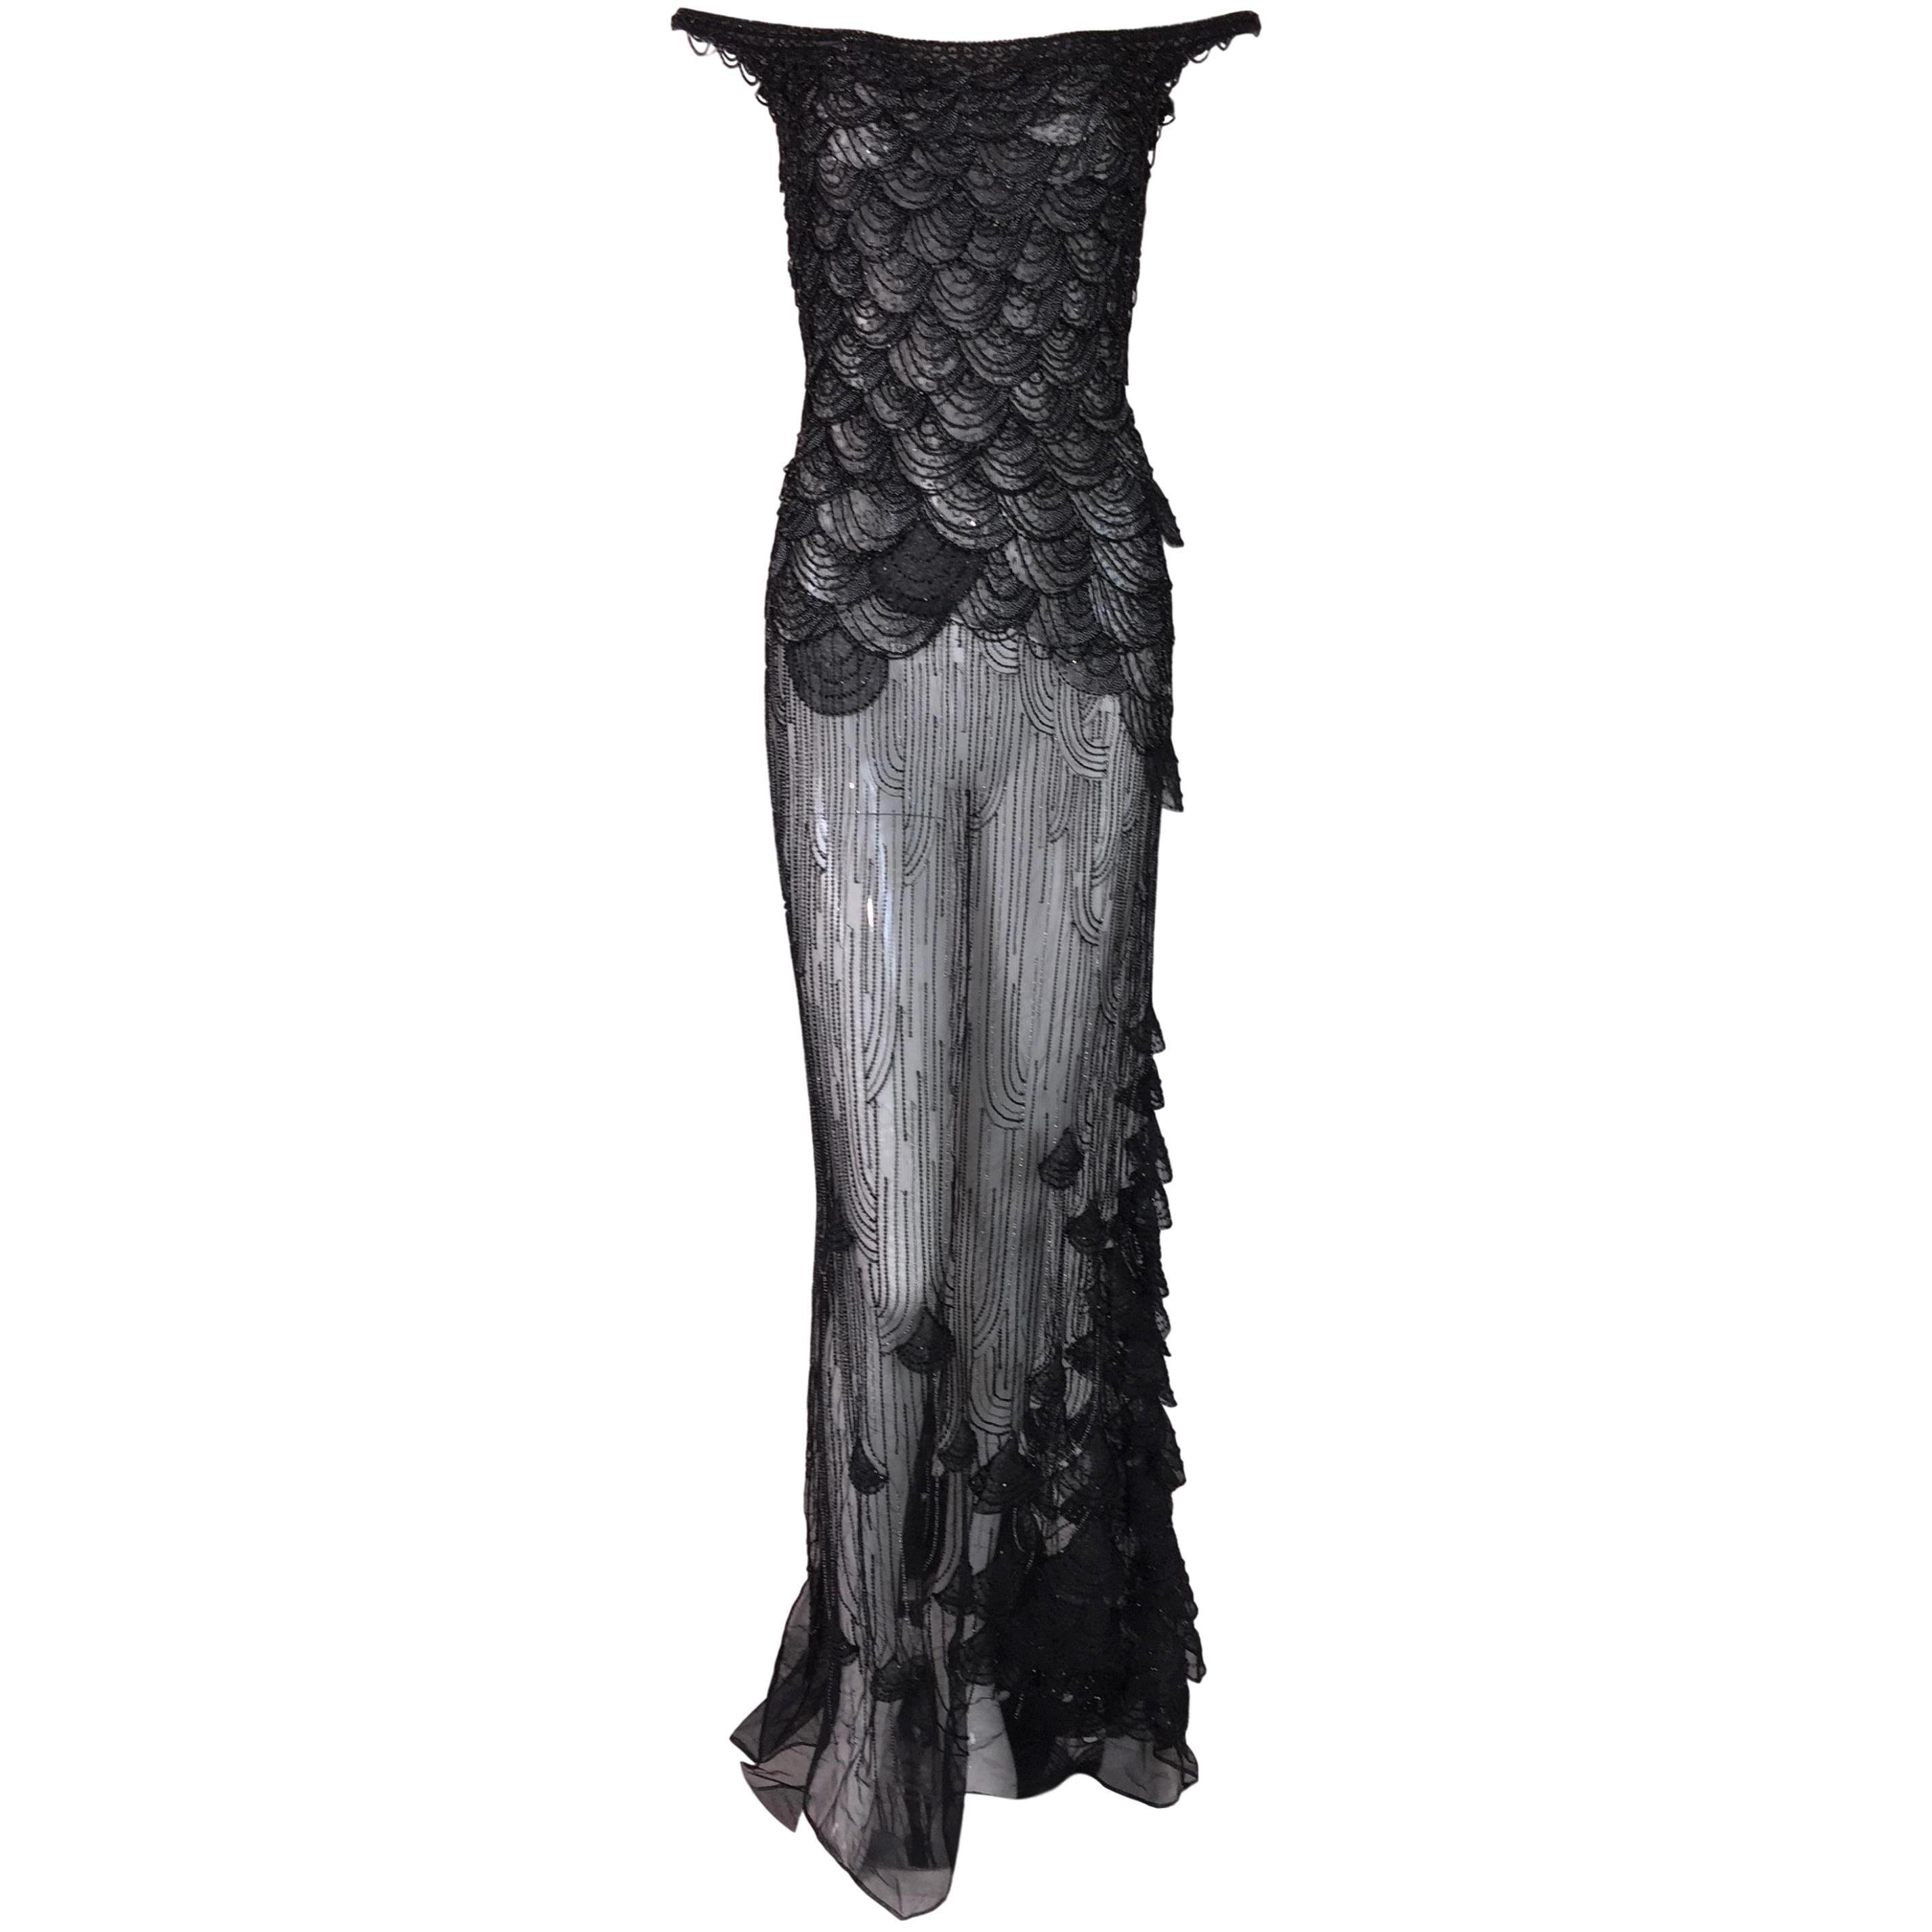 S/S 1999 Atelier Versace Runway Sheer Black Mesh Beaded Embellished Gown Dress